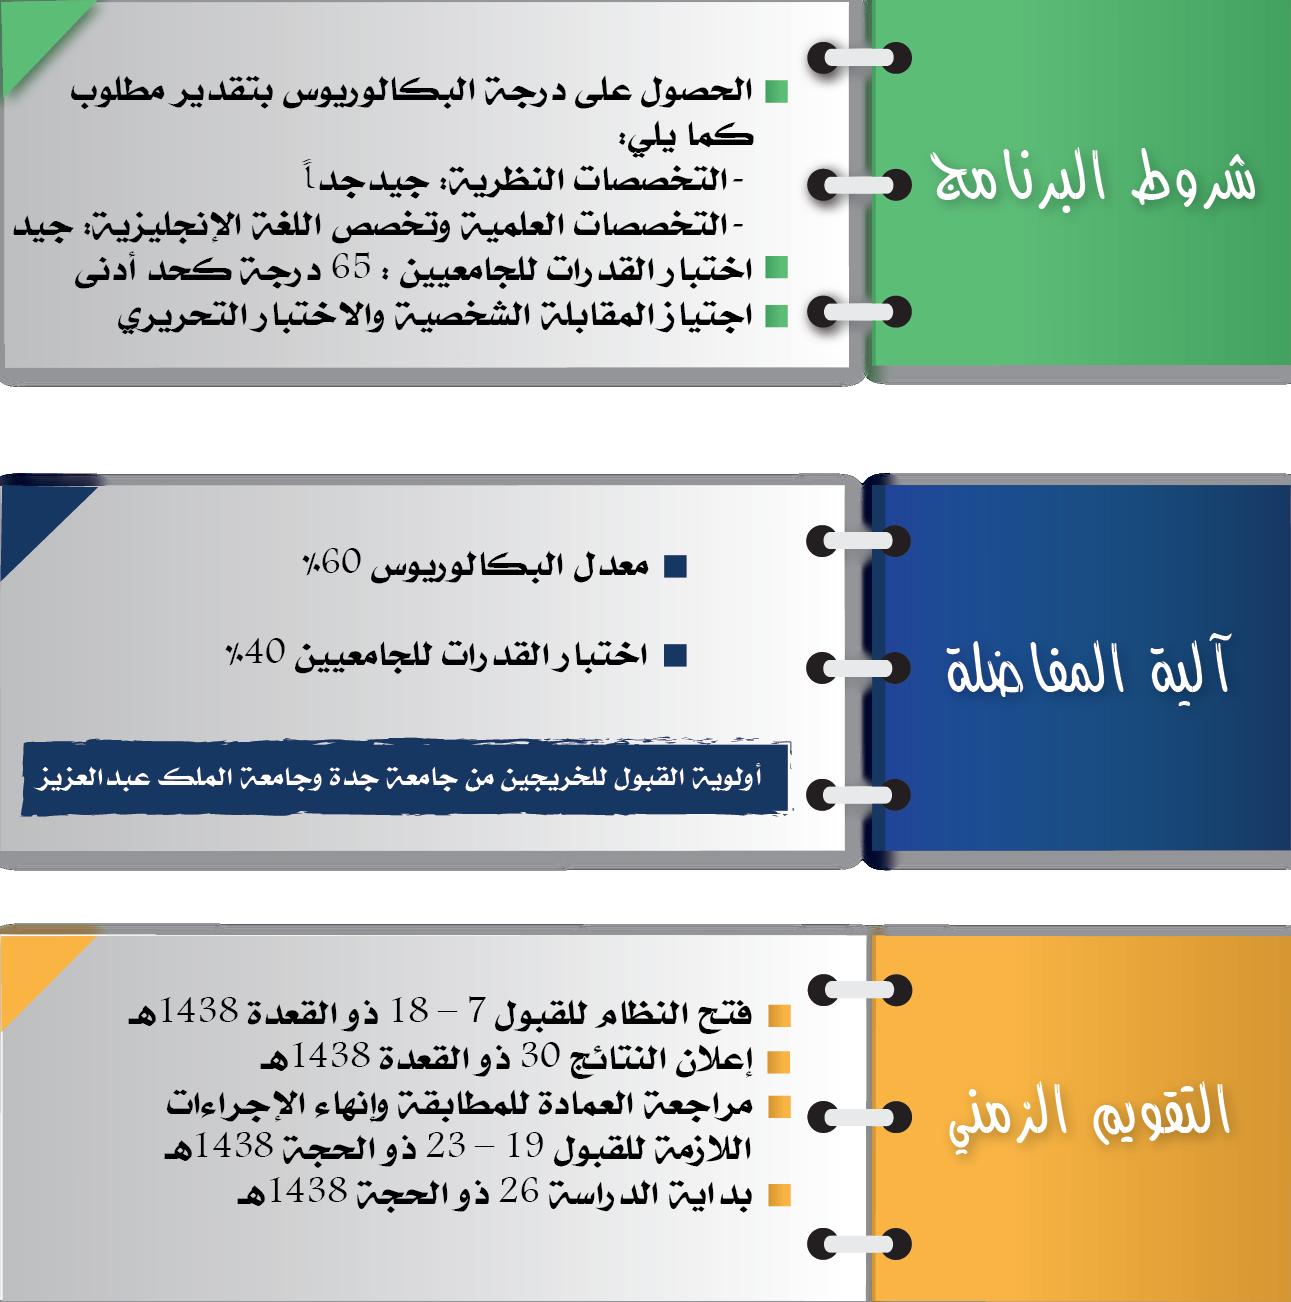 عمادة الدراسات العليا شروط وتفاصيل برنامج الدبلوم التربوي